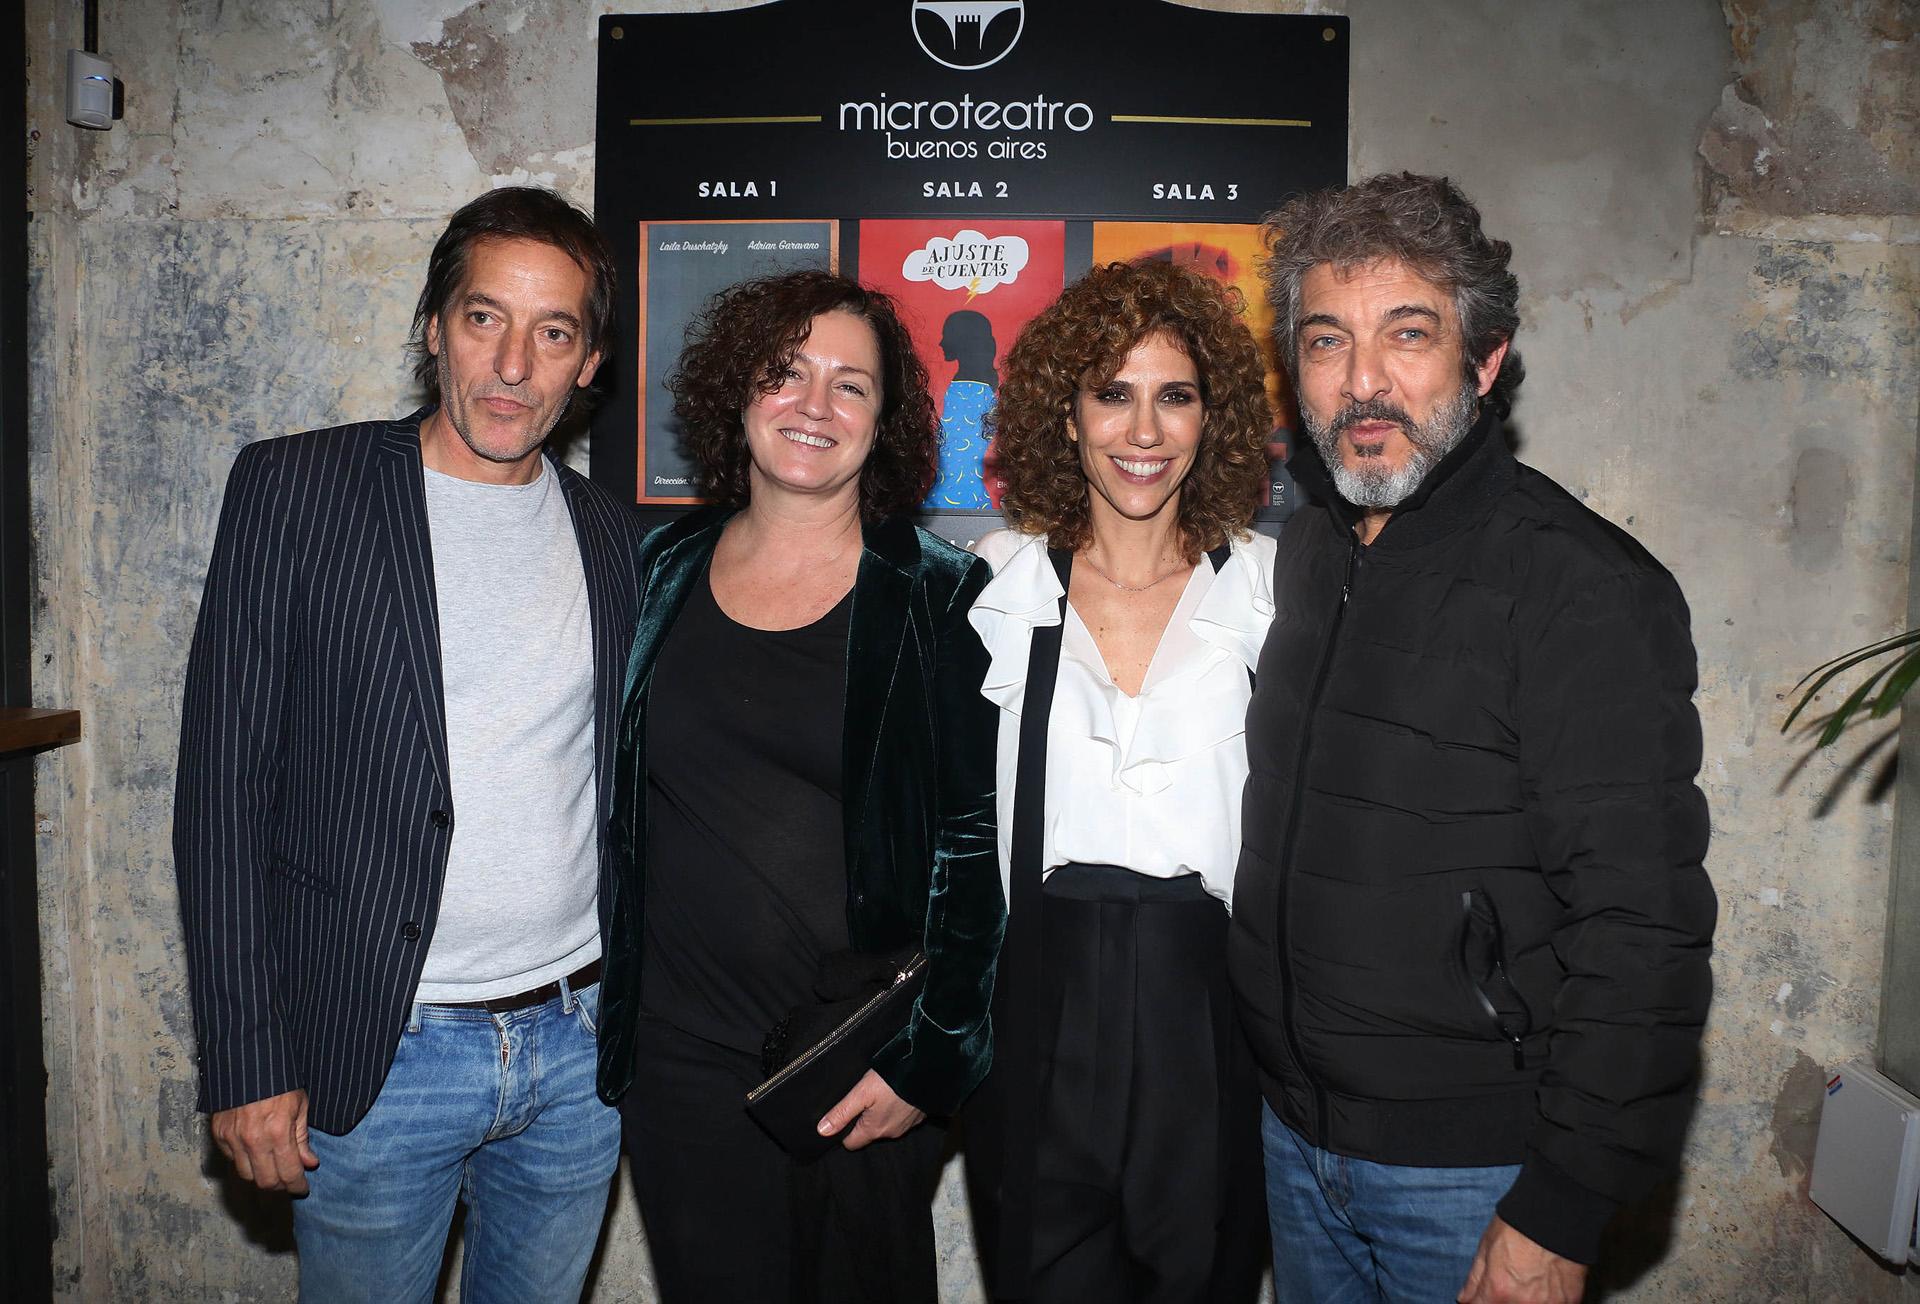 Julieta Novarro y Pablo Bossi junto a Ricardo Darín y Florencia Bas en la inauguración de Microteatro (Verónica Guerman)